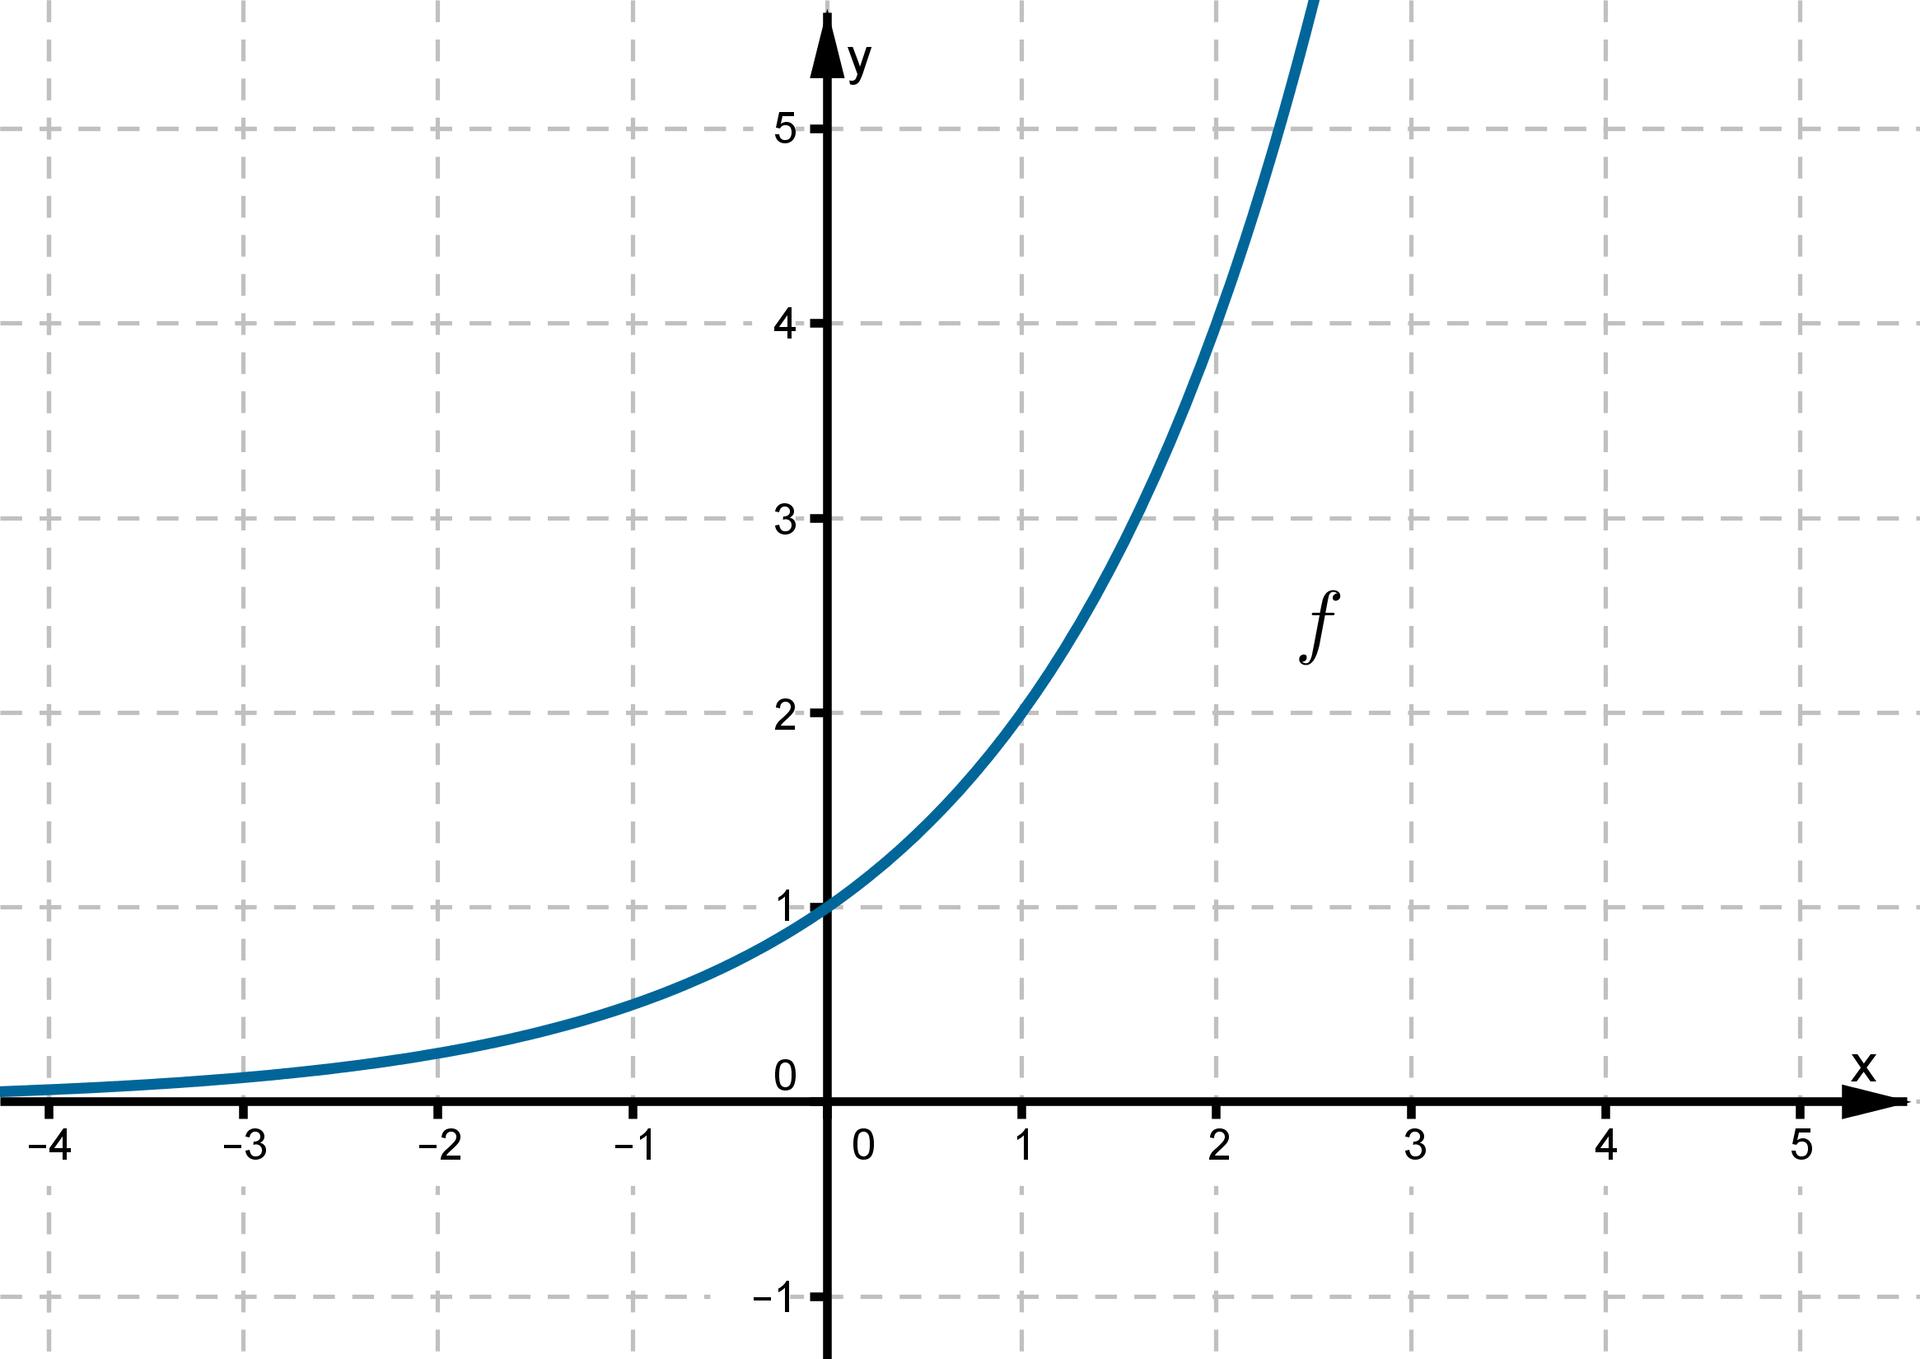 Wykres funkcji wpostaci krzywej leżącej wpierwszej idrugiej ćwiartce układu współrzędnych. Dla każdego punktu na wykresie wraz ze wzrostem argumentu wzrasta wartość funkcji.